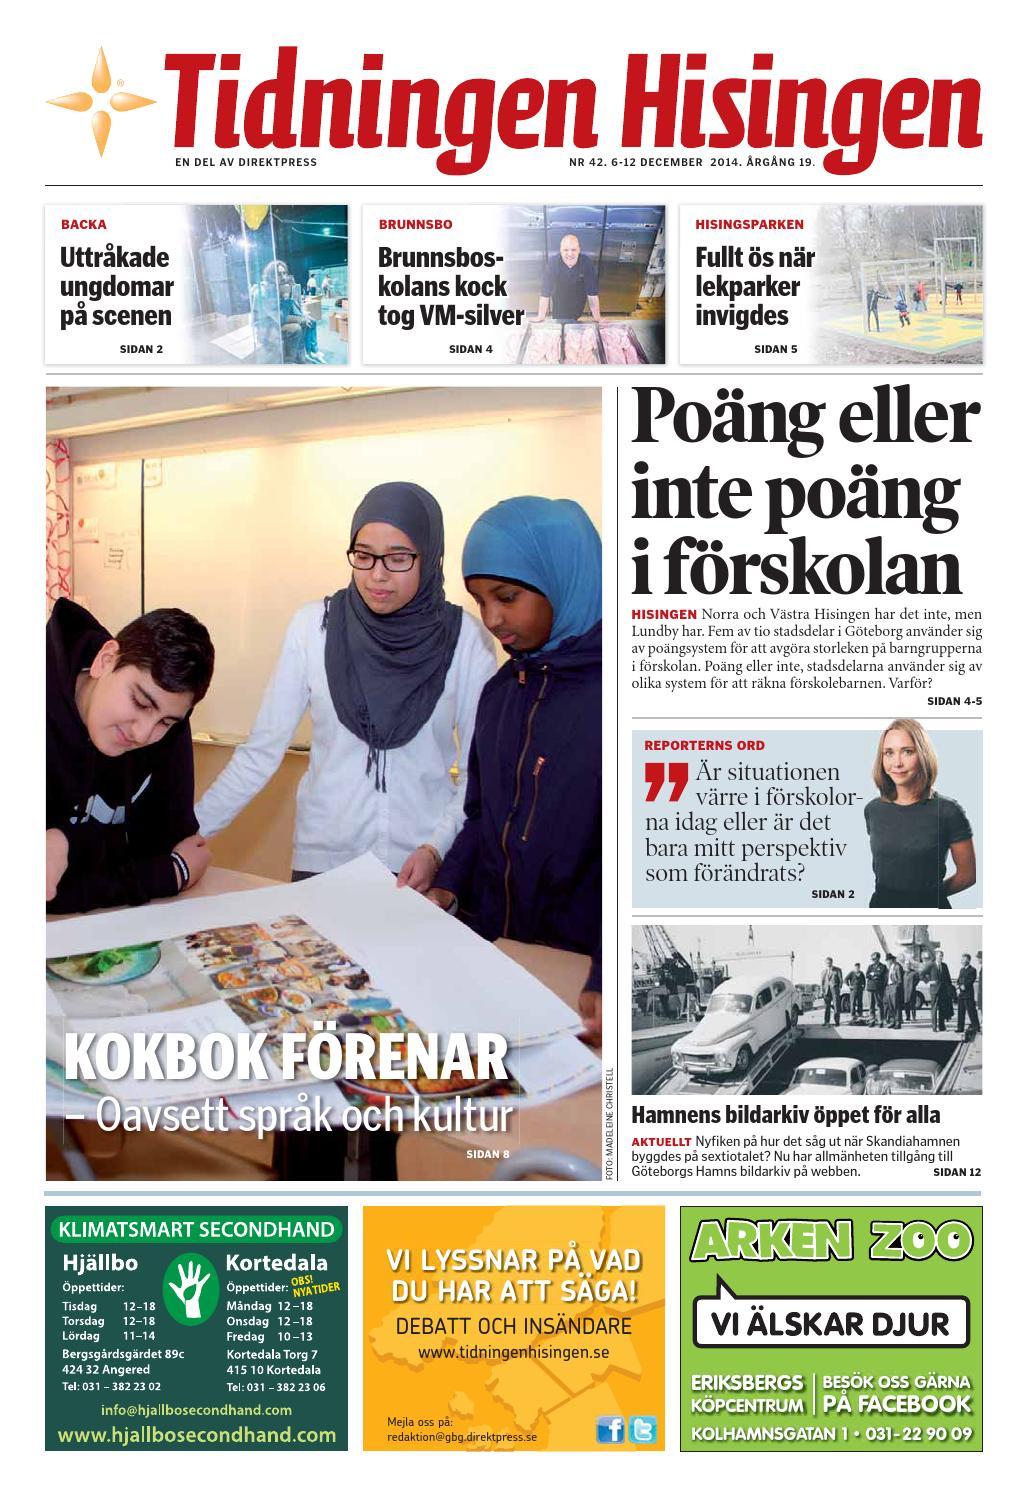 Sk Kvinnor frn hela Sverige fr dejting / dating - Mtesplatsen